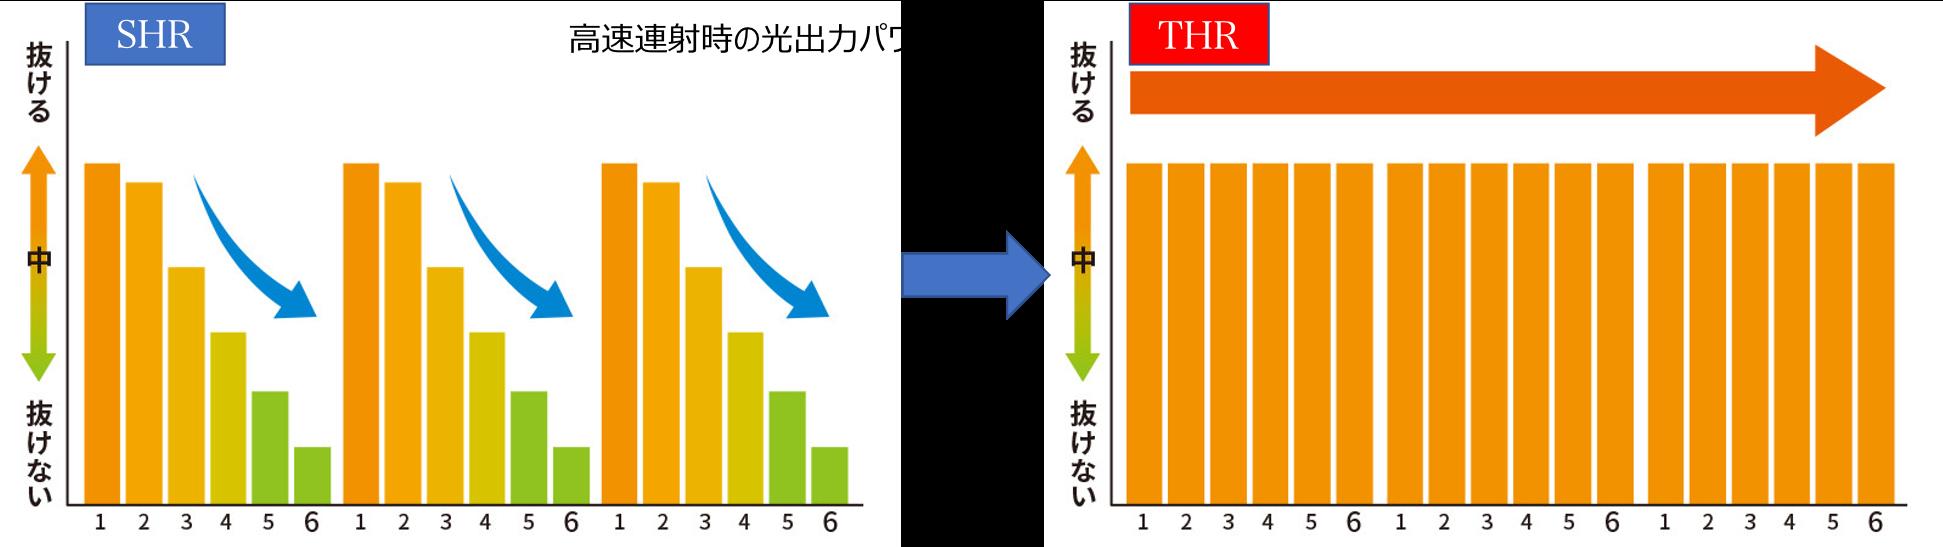 SHR_THR脱毛2